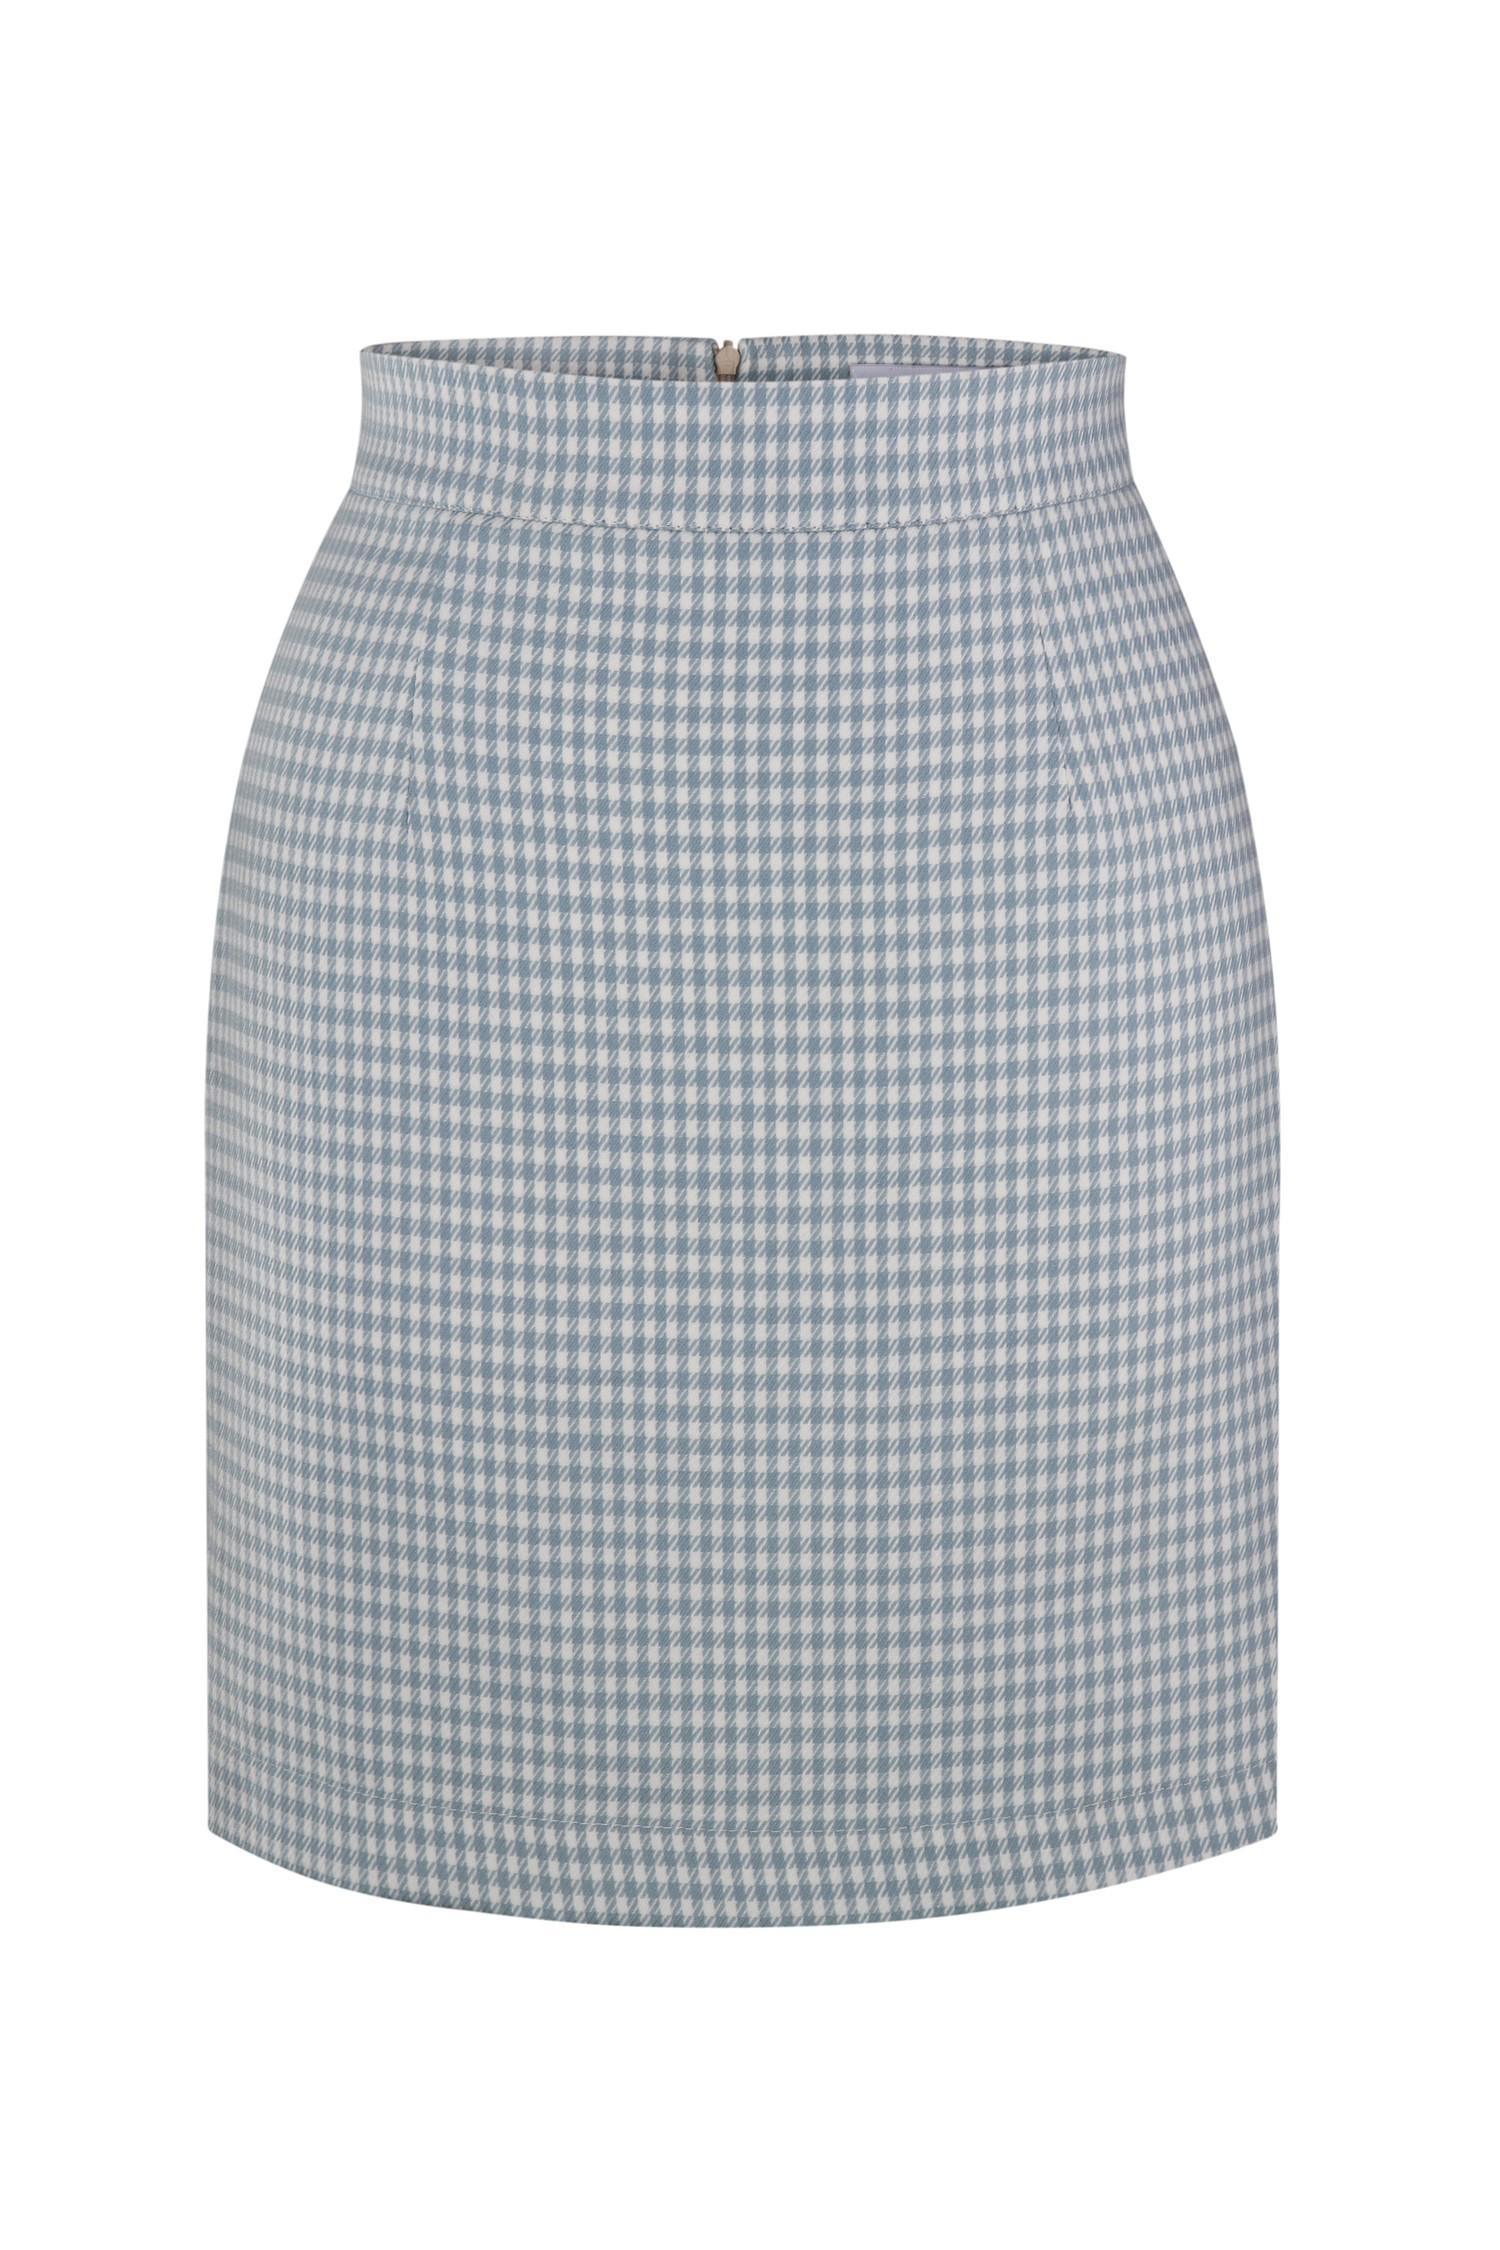 Голубая мини юбка с узором - THE LACE